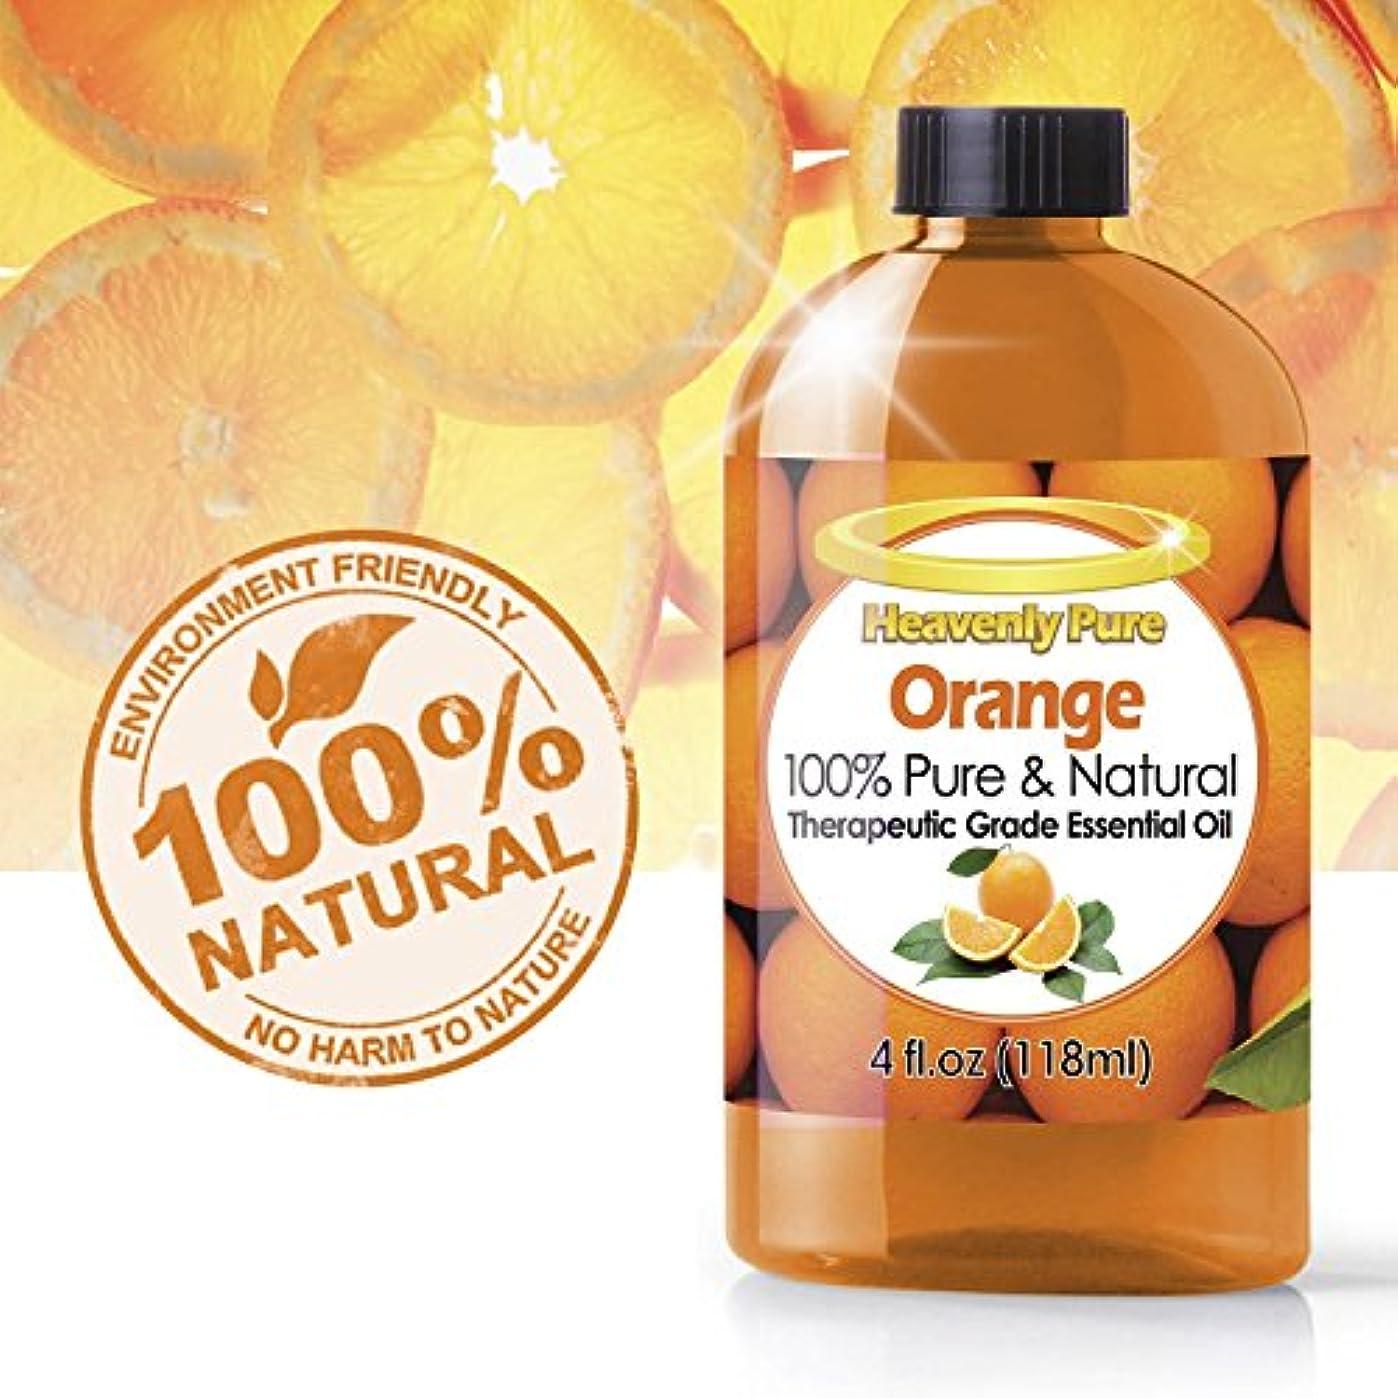 作成者パッチユーモアオレンジエッセンシャルオイル(HUGE 4 OZ)アイドロップ剤 - 100%ピュア&ナチュラルスイートシトラスアロマ - 治療グレード - オレンジオイルはアロマセラピー、イミュニティ、天然抗菌、および洗浄に最適です